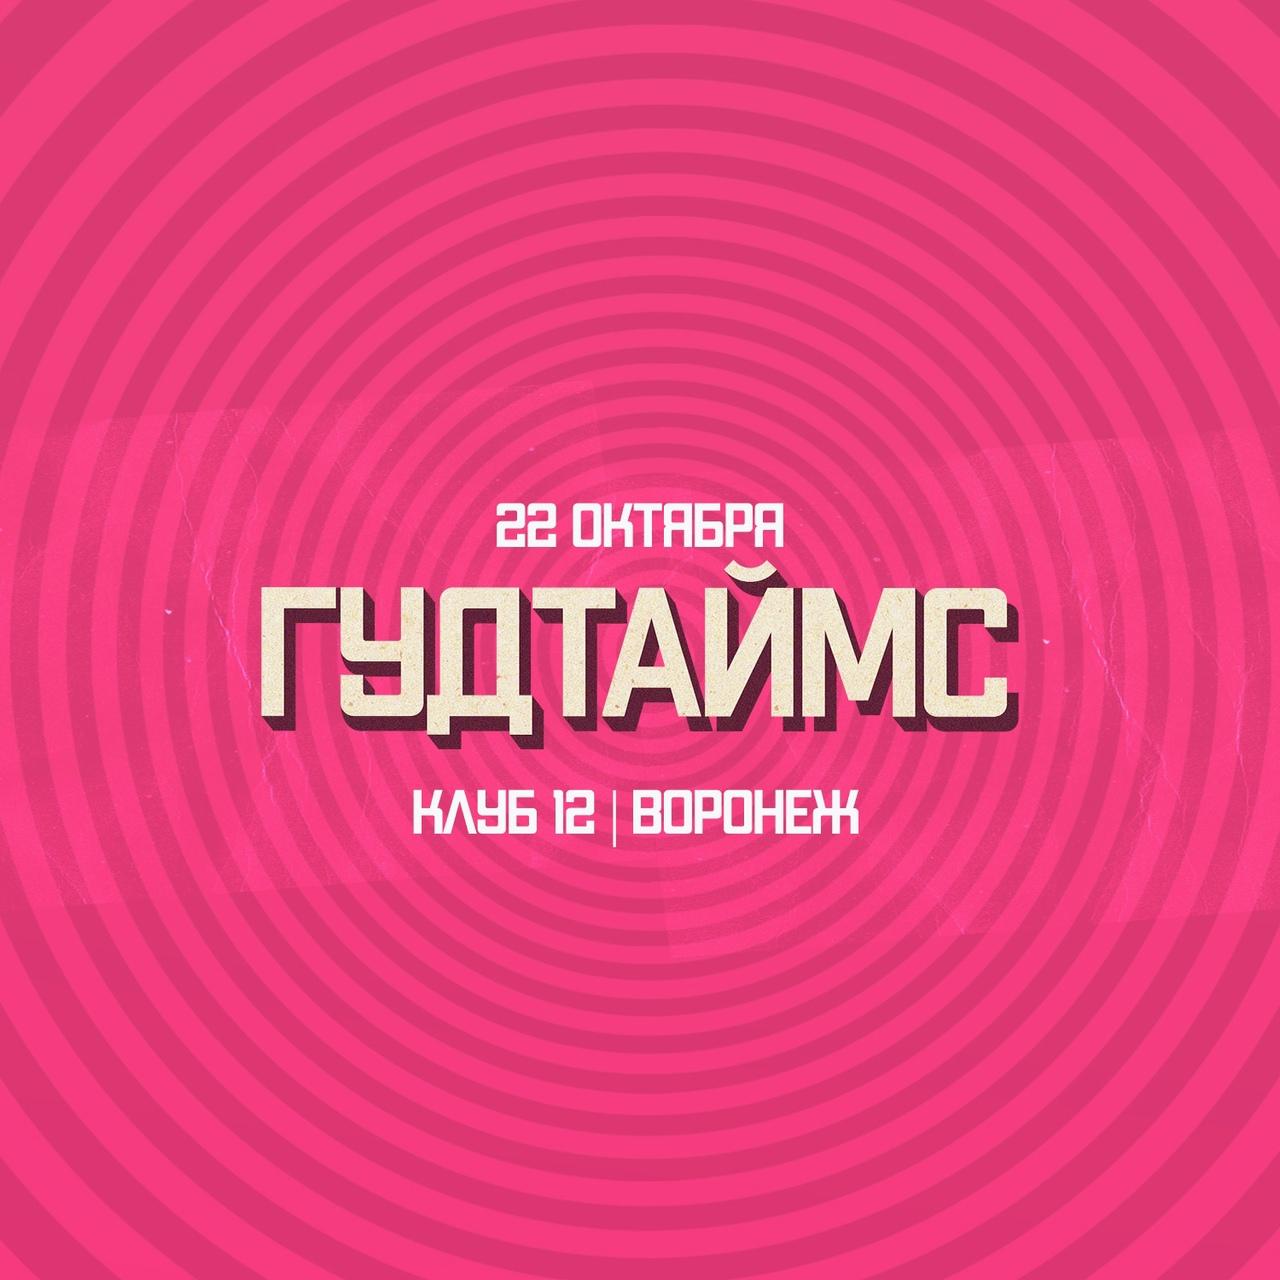 Афиша Воронеж 22.10 ГУДТАЙМС / ВОРОНЕЖ / КЛУБ12